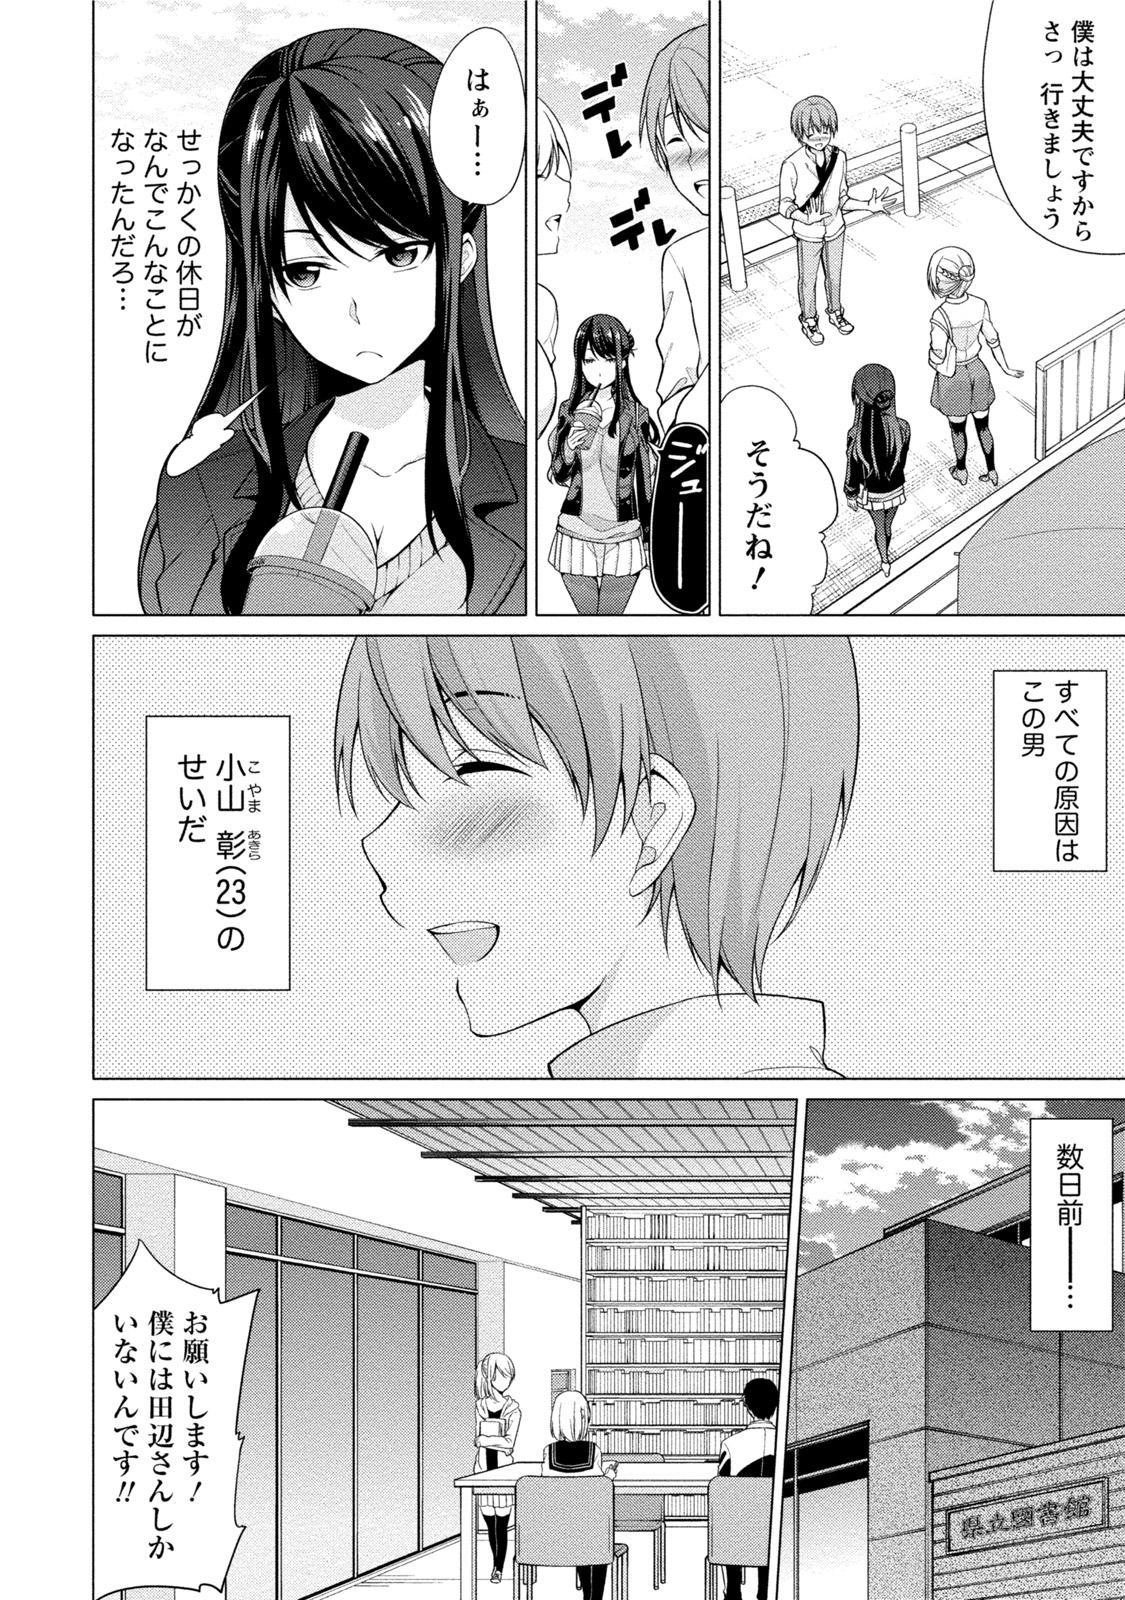 Ecchi na Watashi ja Dame desu ka? 4